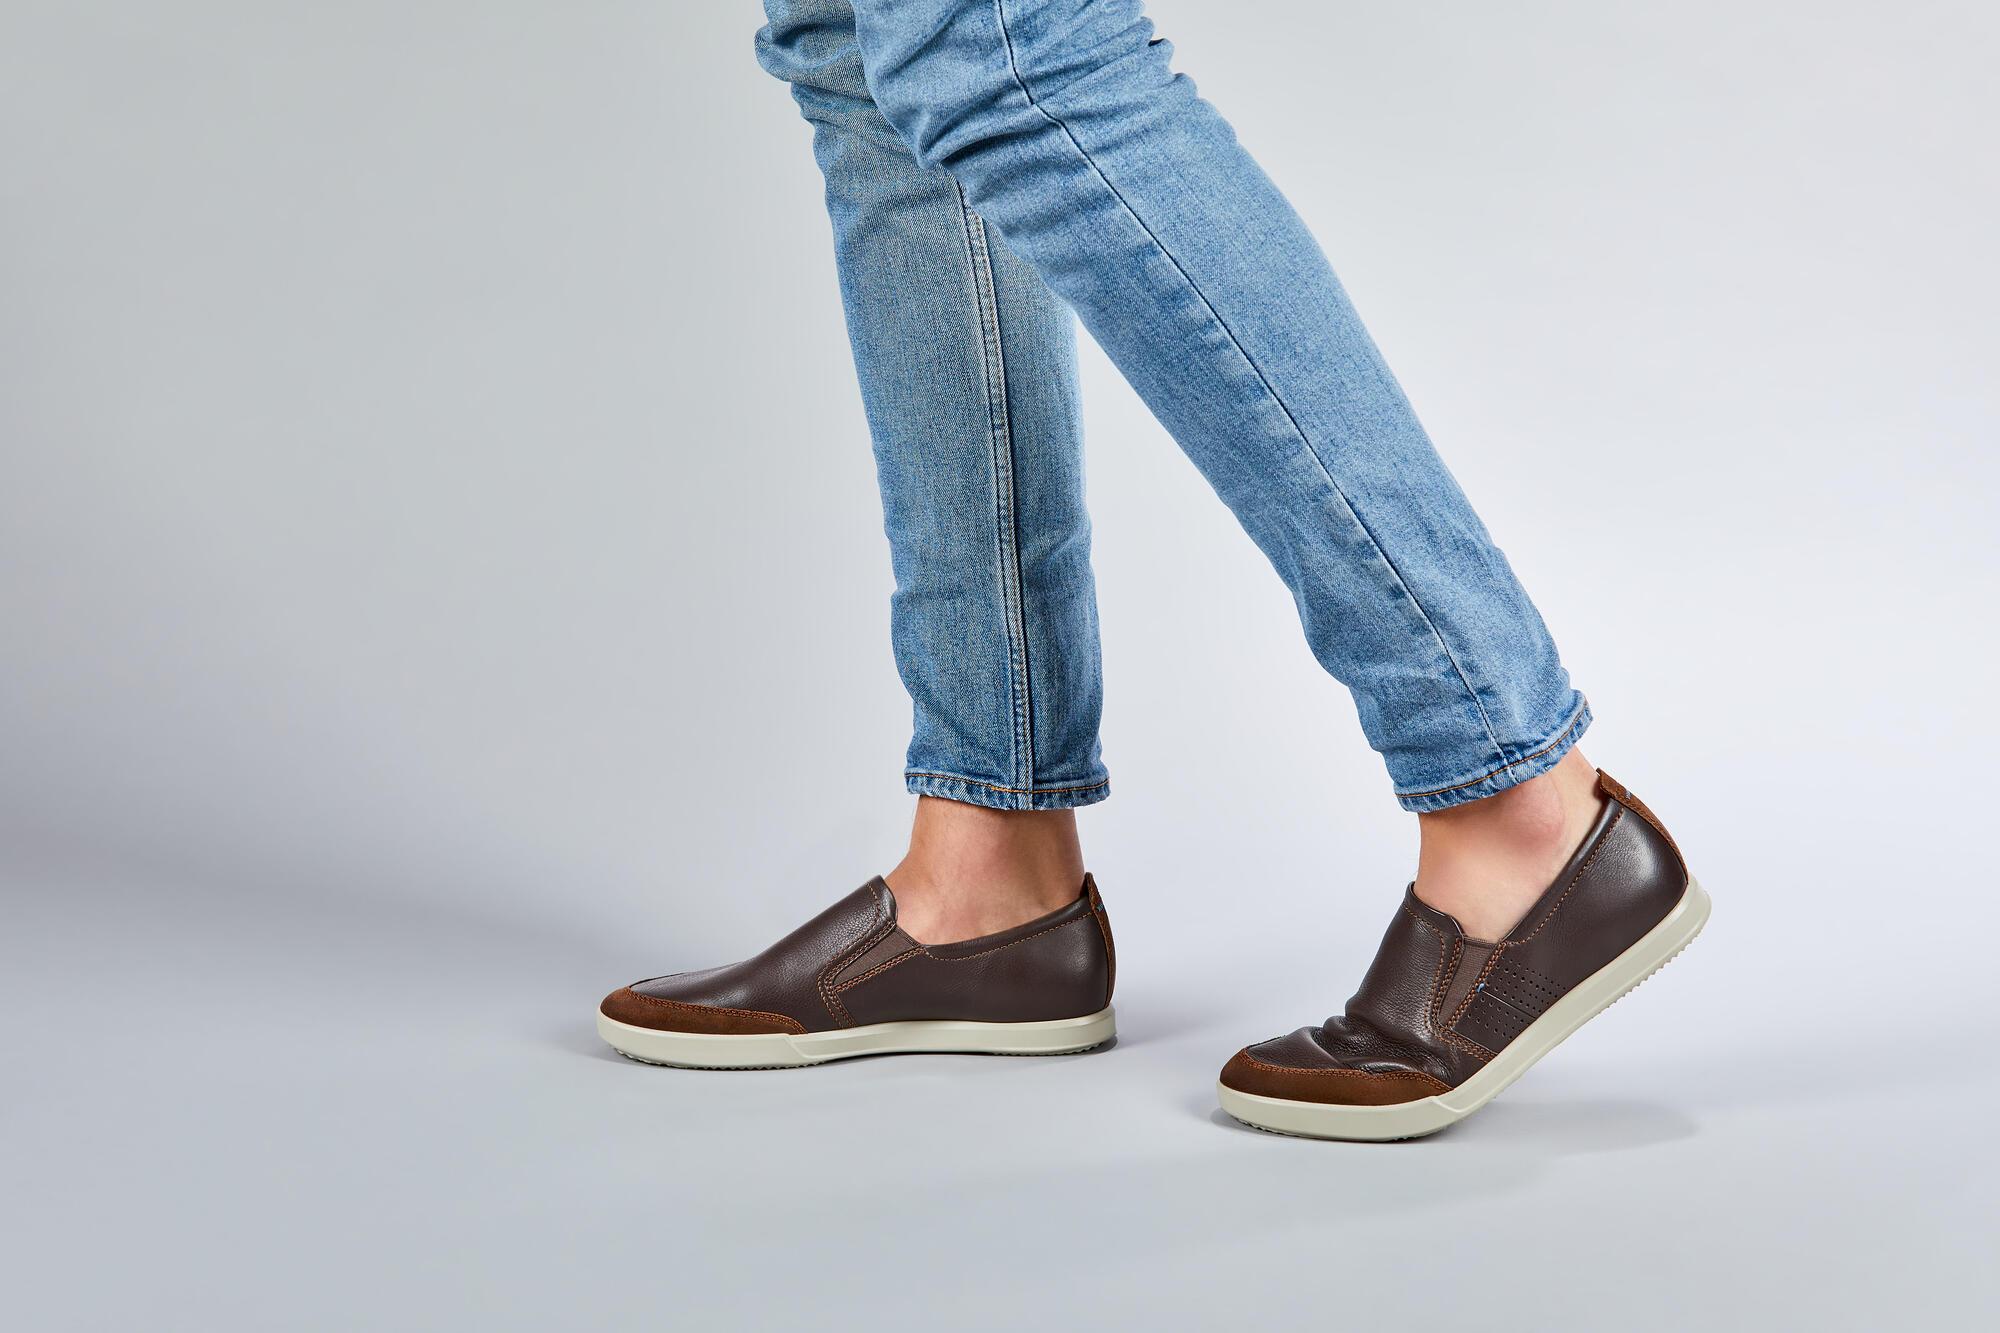 ECCO COLLIN 2.0 Men's Slip-on Sneaker